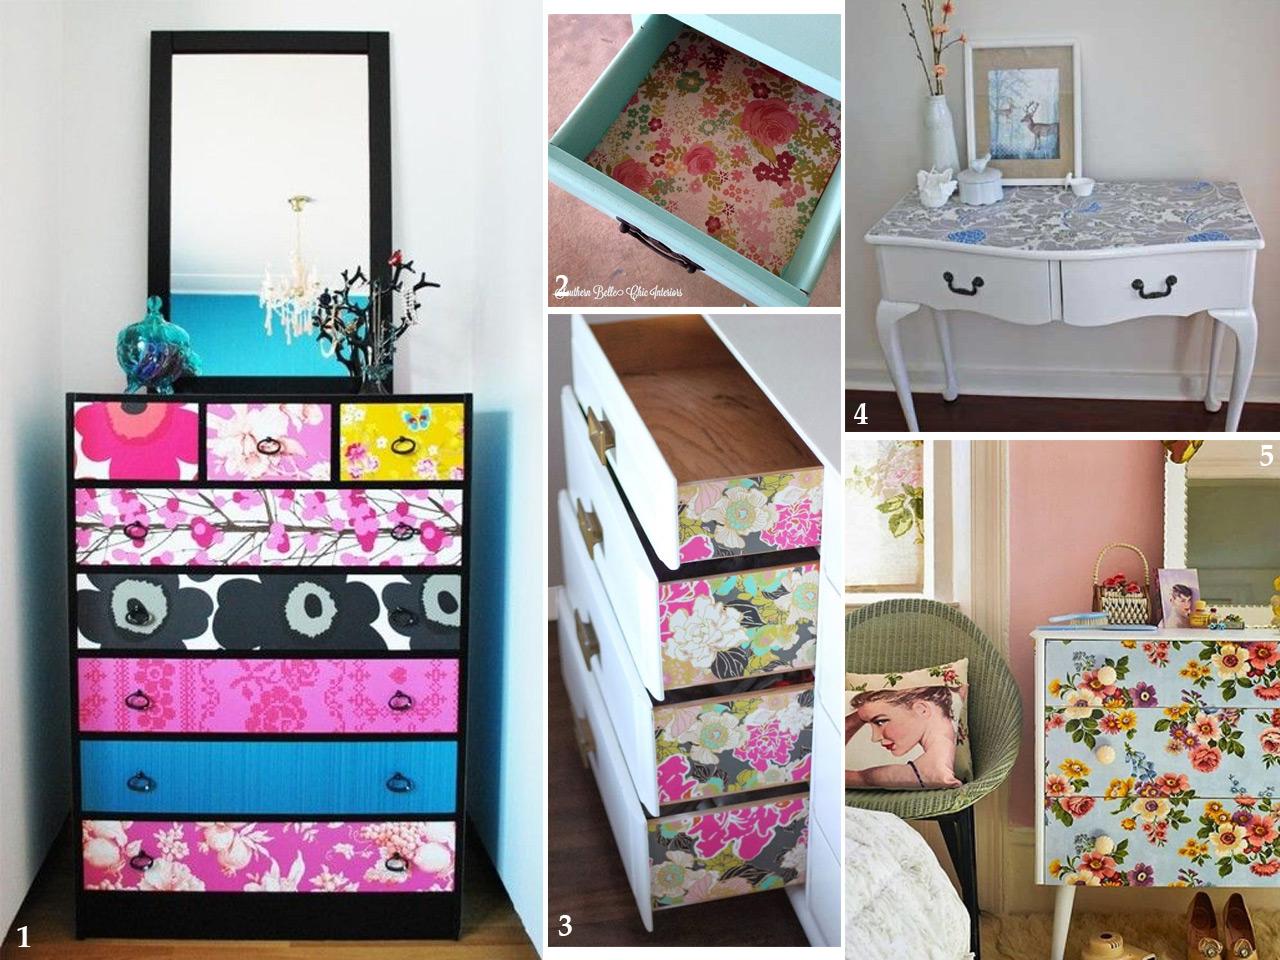 Propuestas Diferentes Para Decorar Con Papel Pintado ~ Decorar Muebles Con Papel Pintado